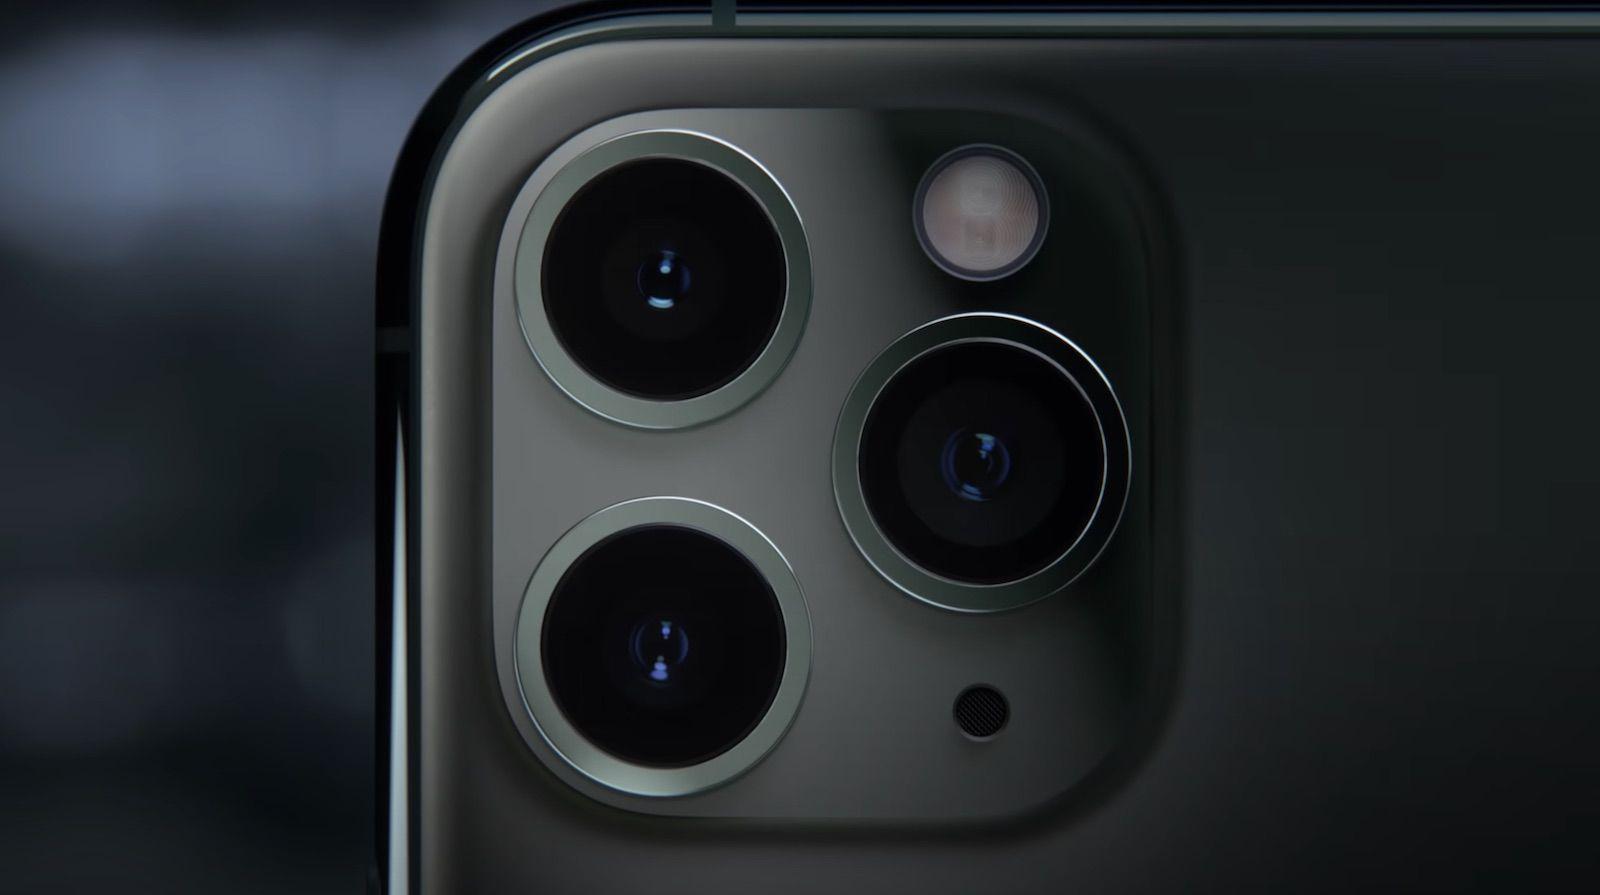 iphone 11 pro camera lenses.'